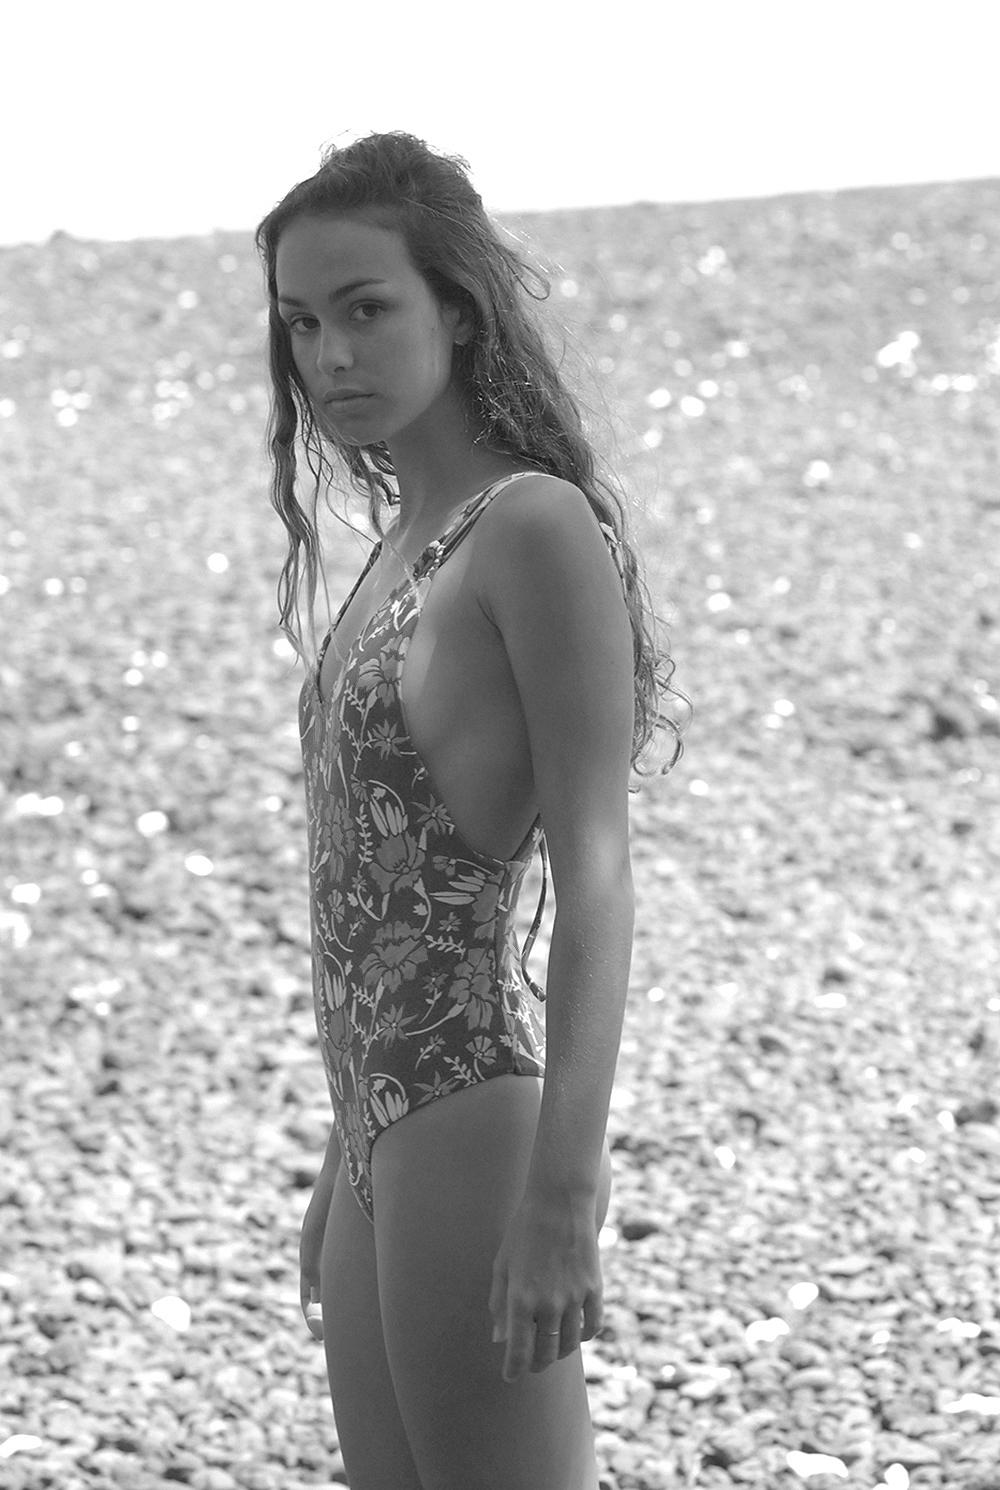 Swimbook_Tori_Praver_swimsuit_Helena_Brewbaker_DSC_0086.jpg